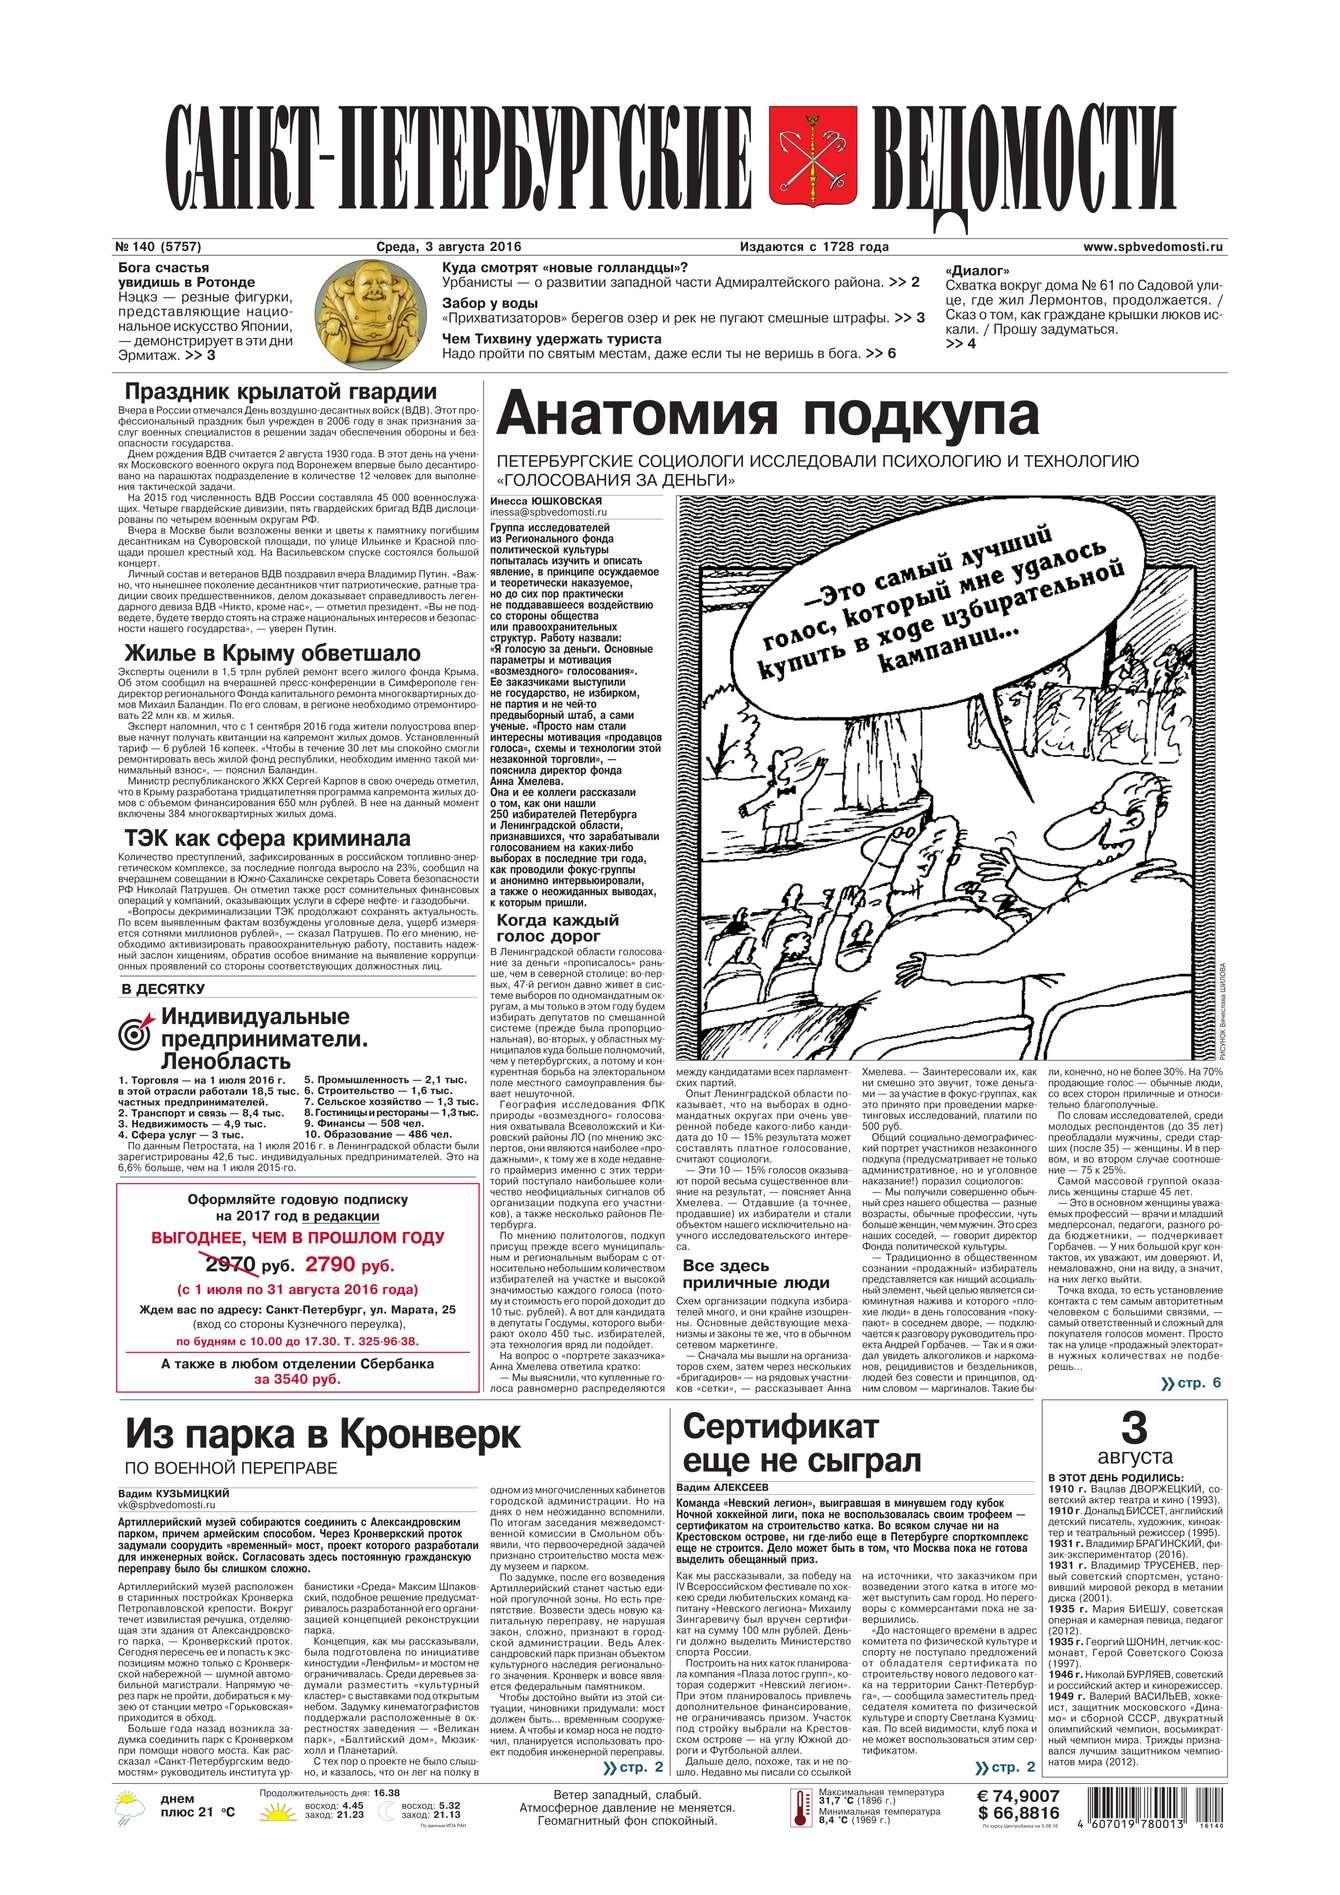 Санкт-Петербургские ведомости 140-2016